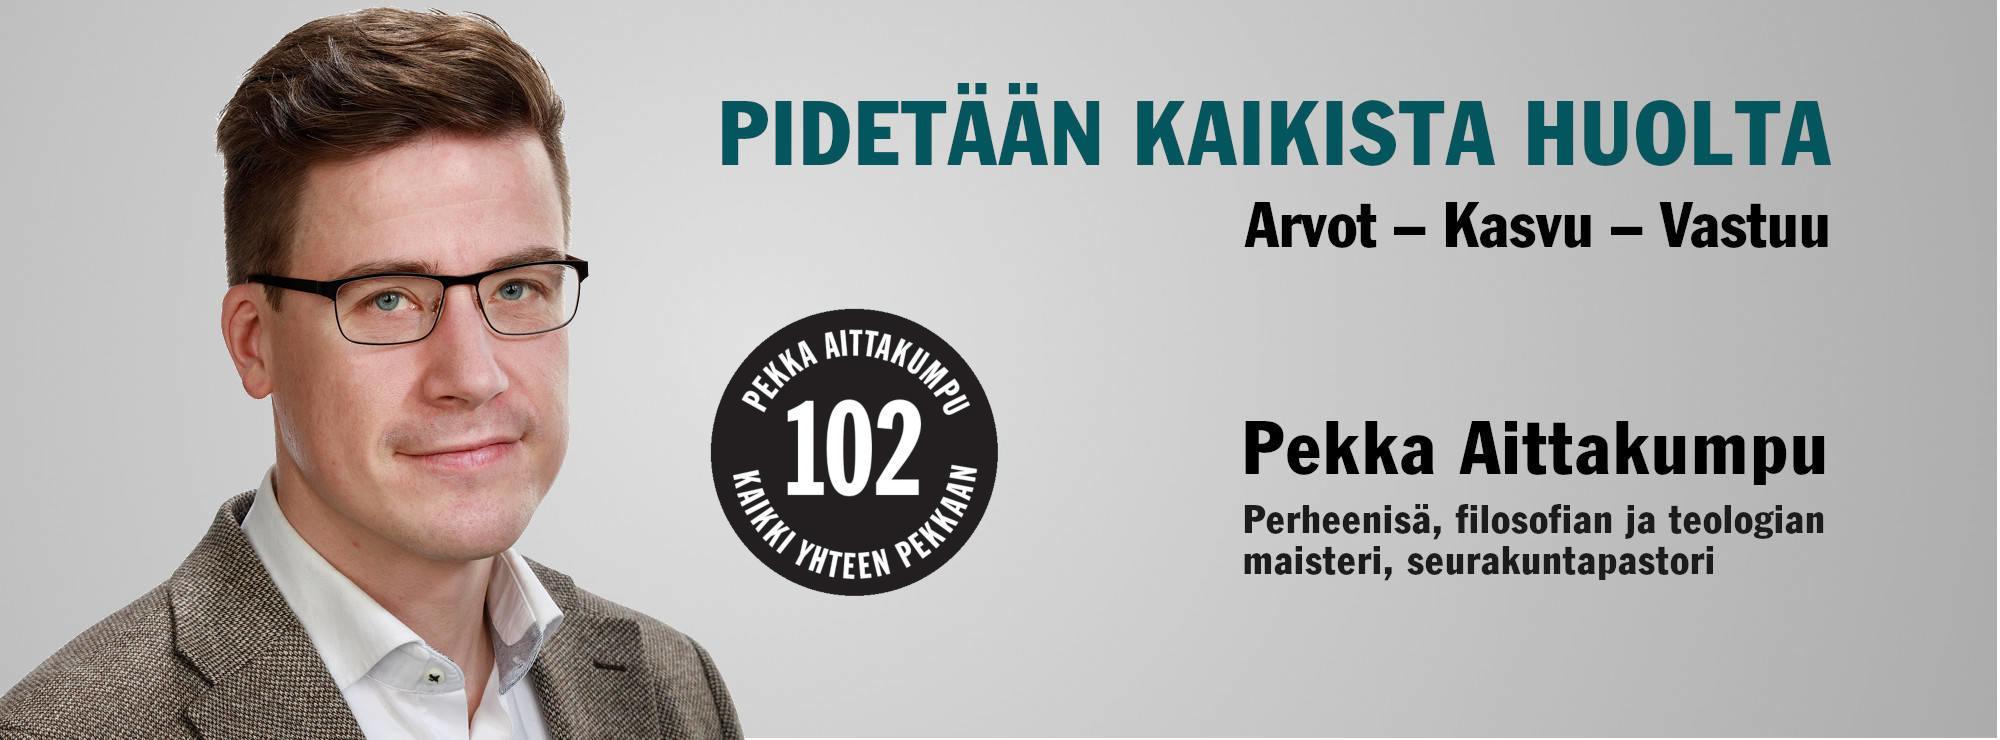 Pekka Aittakumpu, eduskuntavaaliehdokas 2019, keskusta